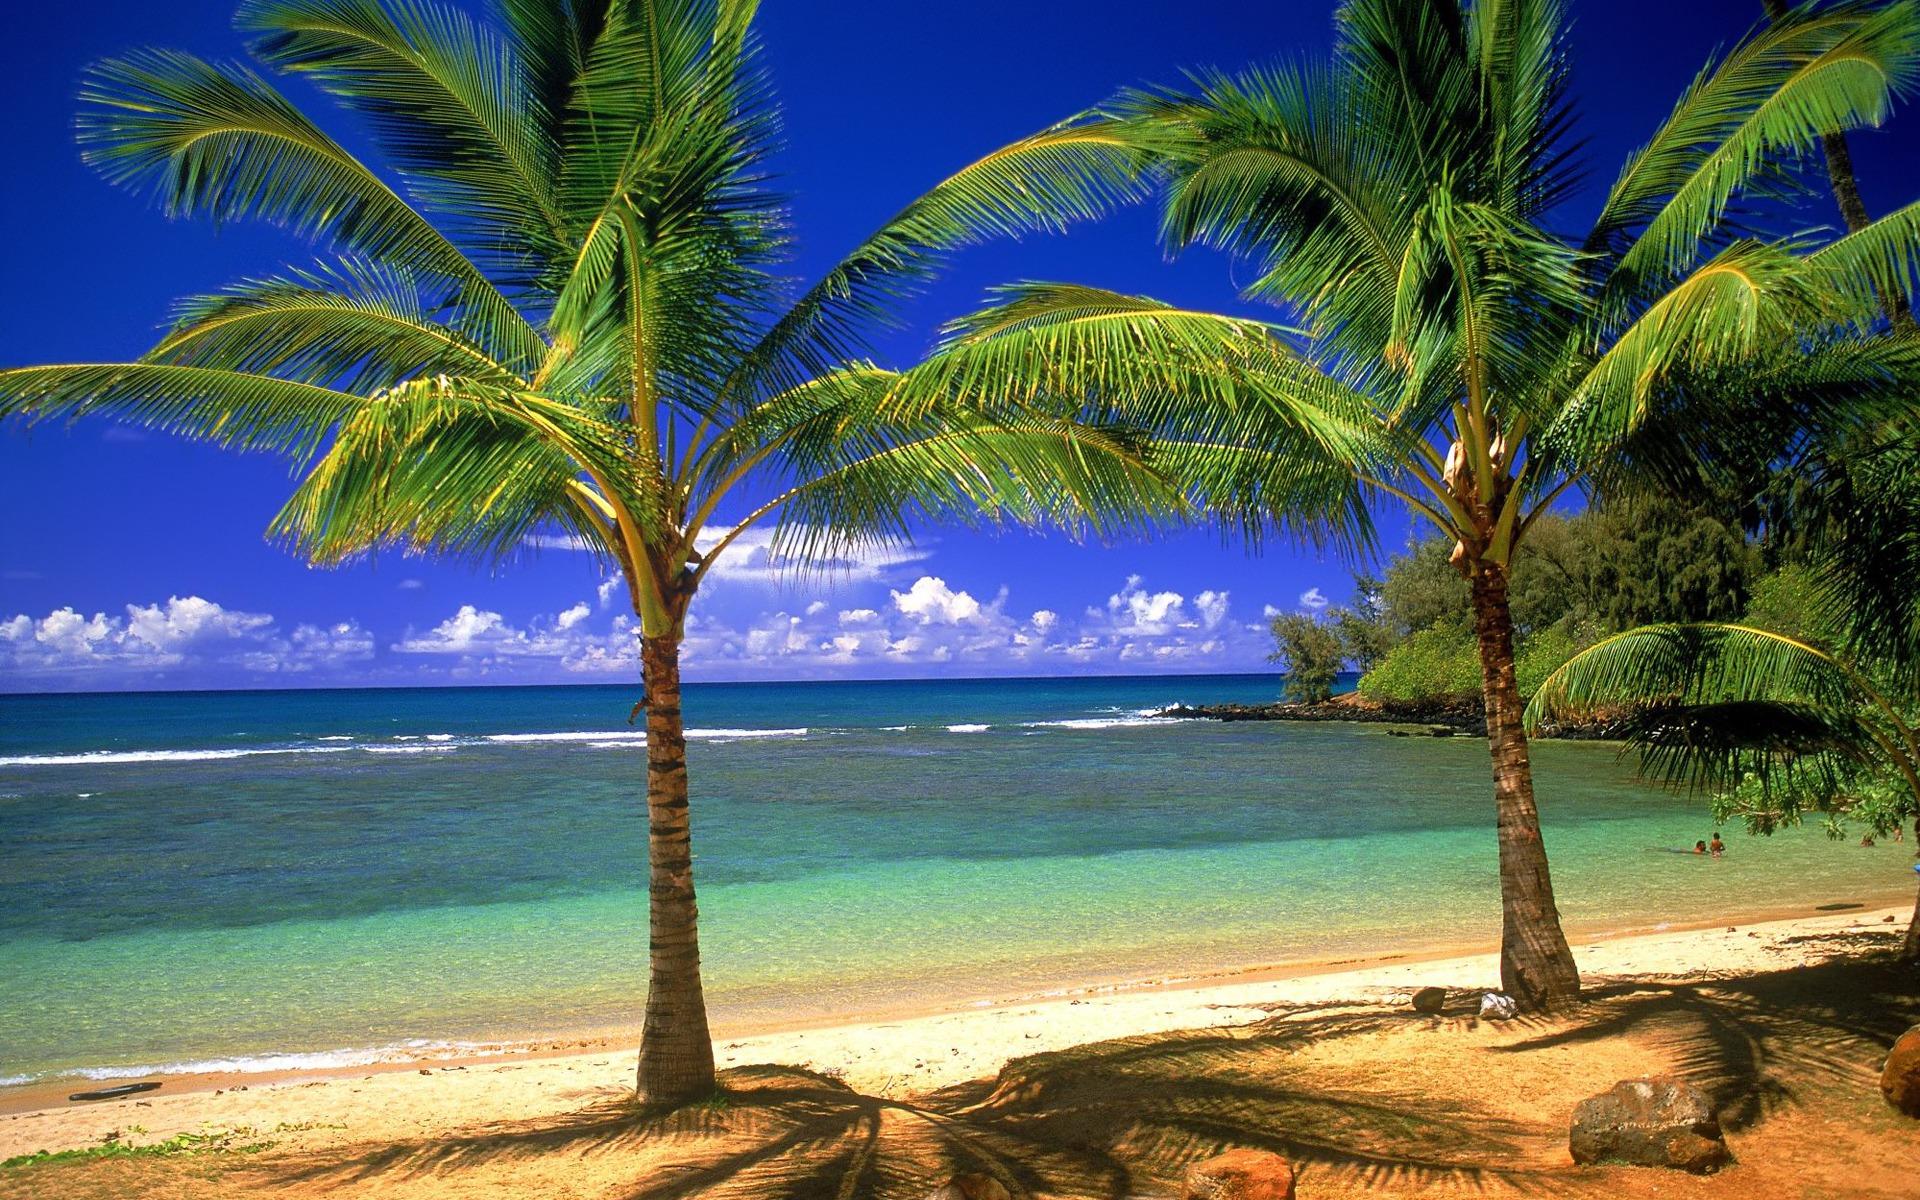 фото пальмы пляж